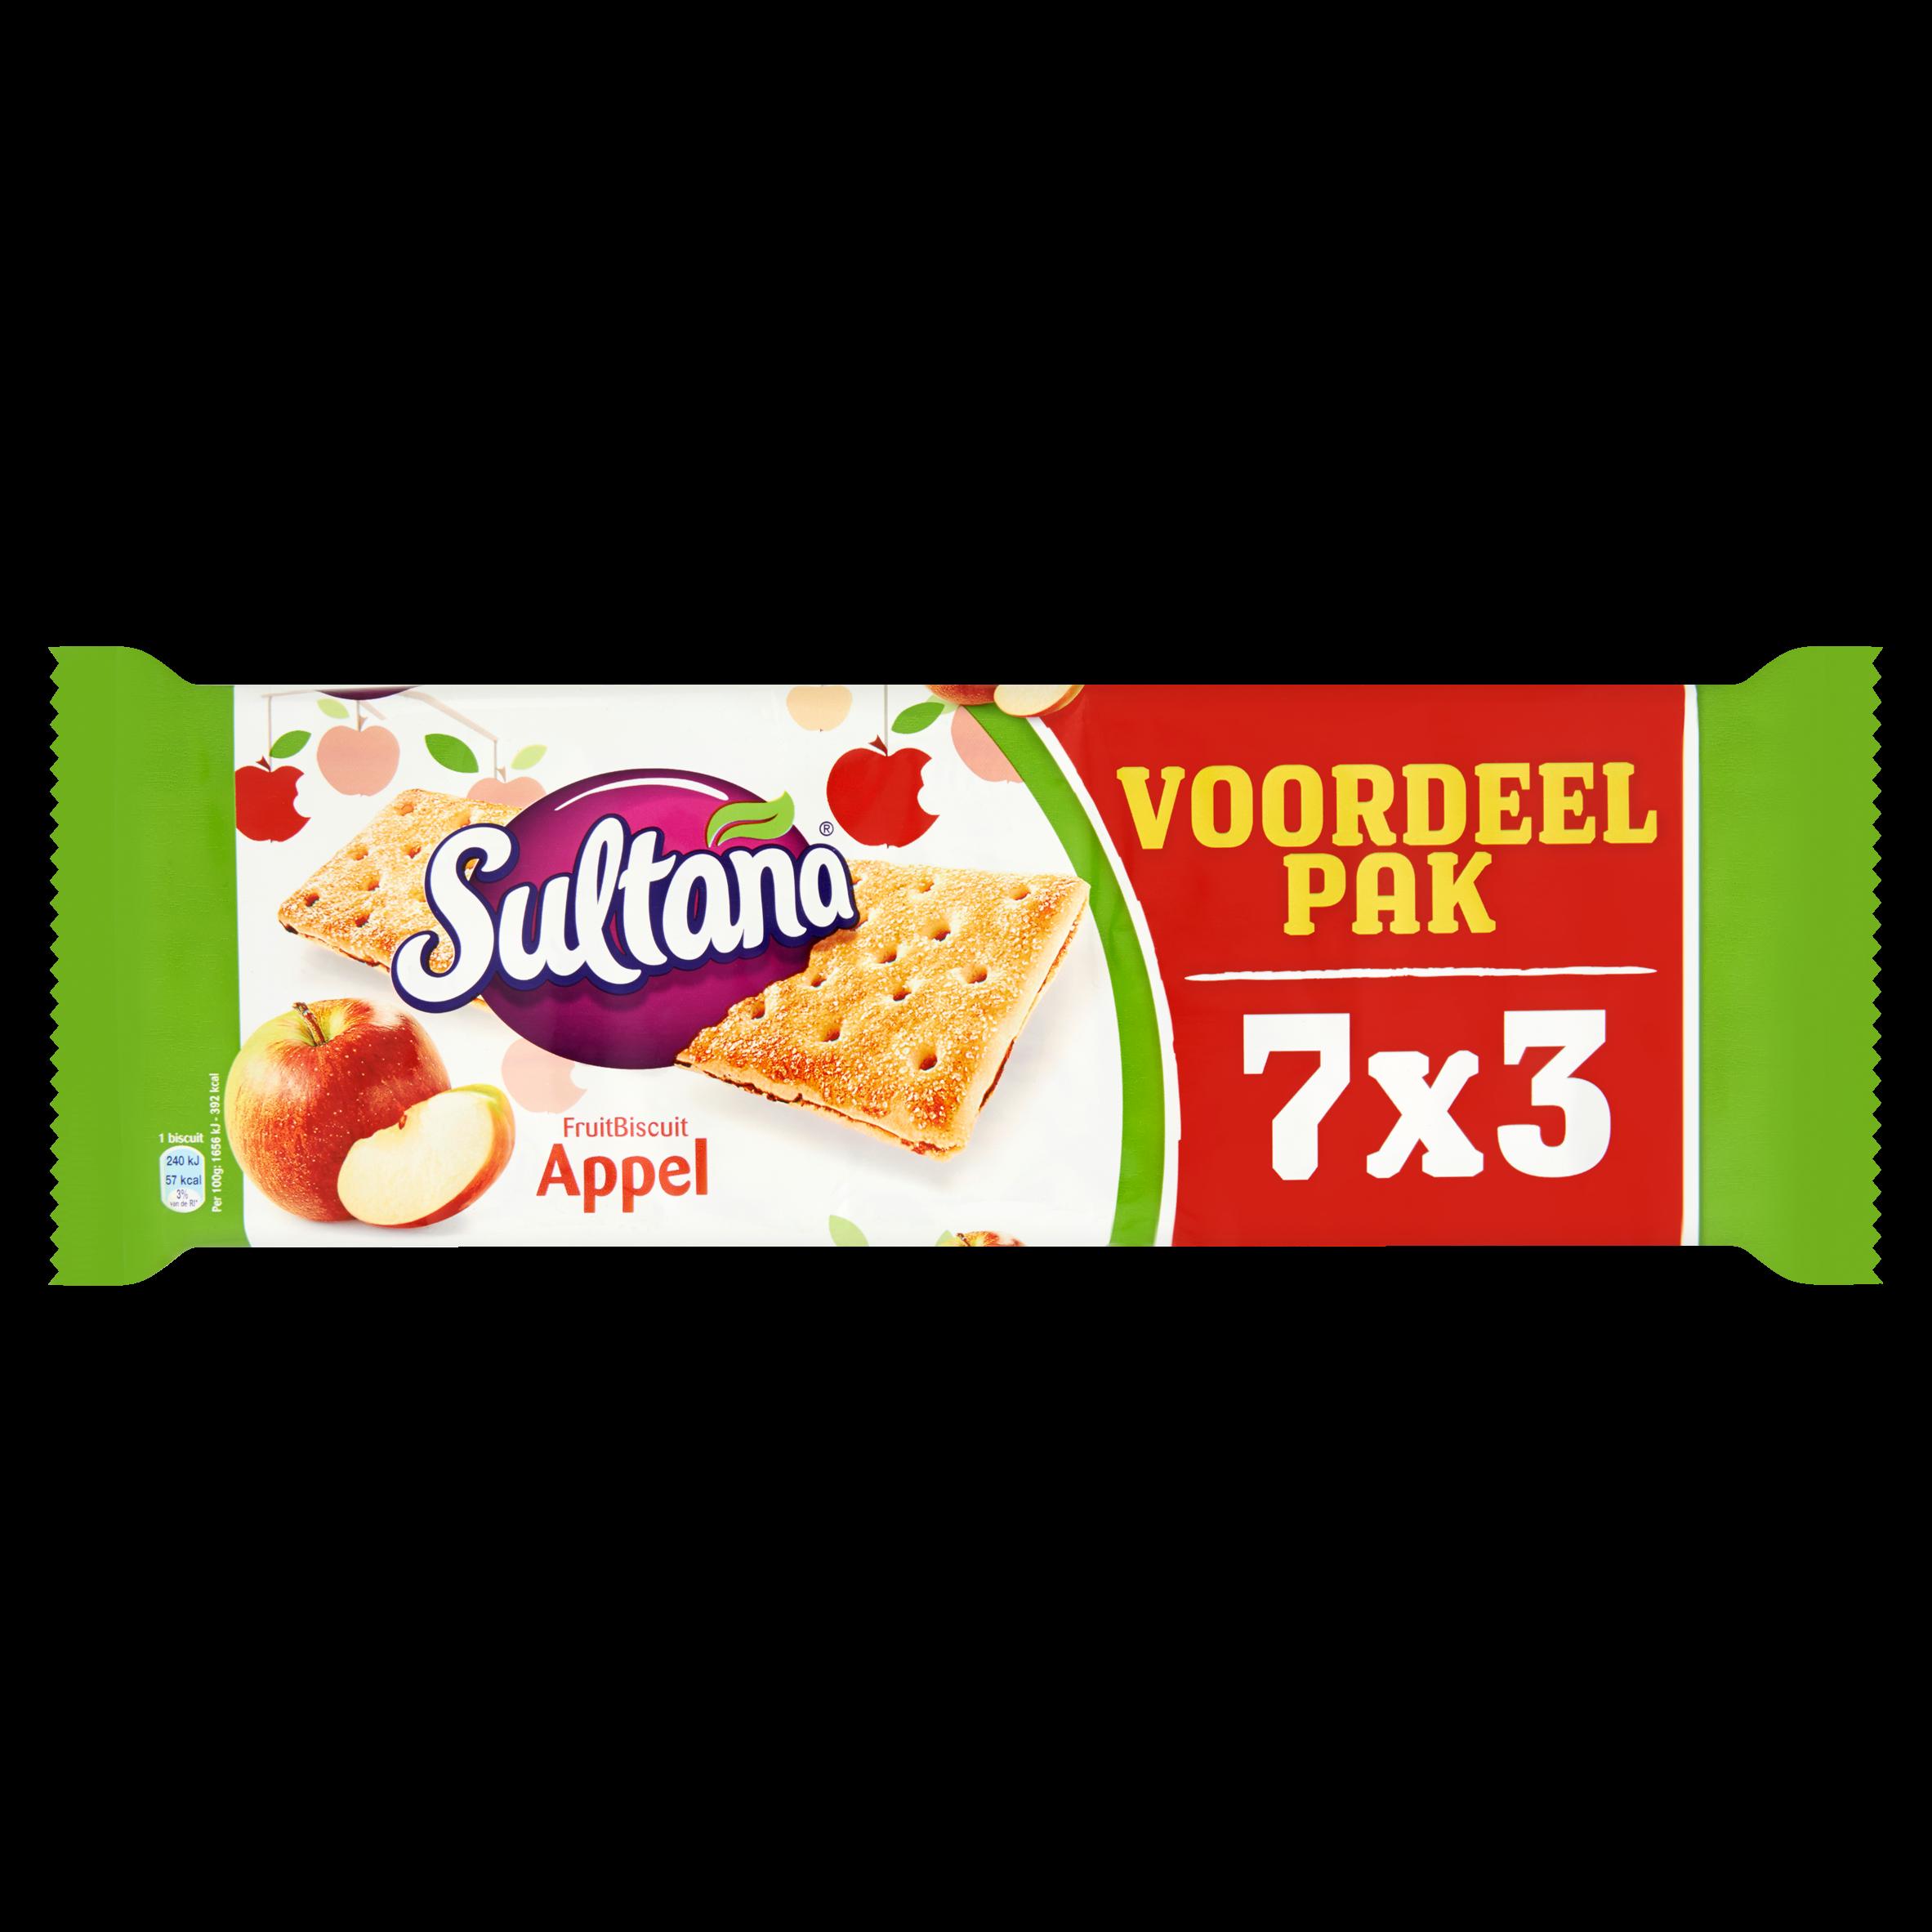 Sultana de Originele Fruitbiscuit Appel Voordeelpak 21 Stuks 306 g